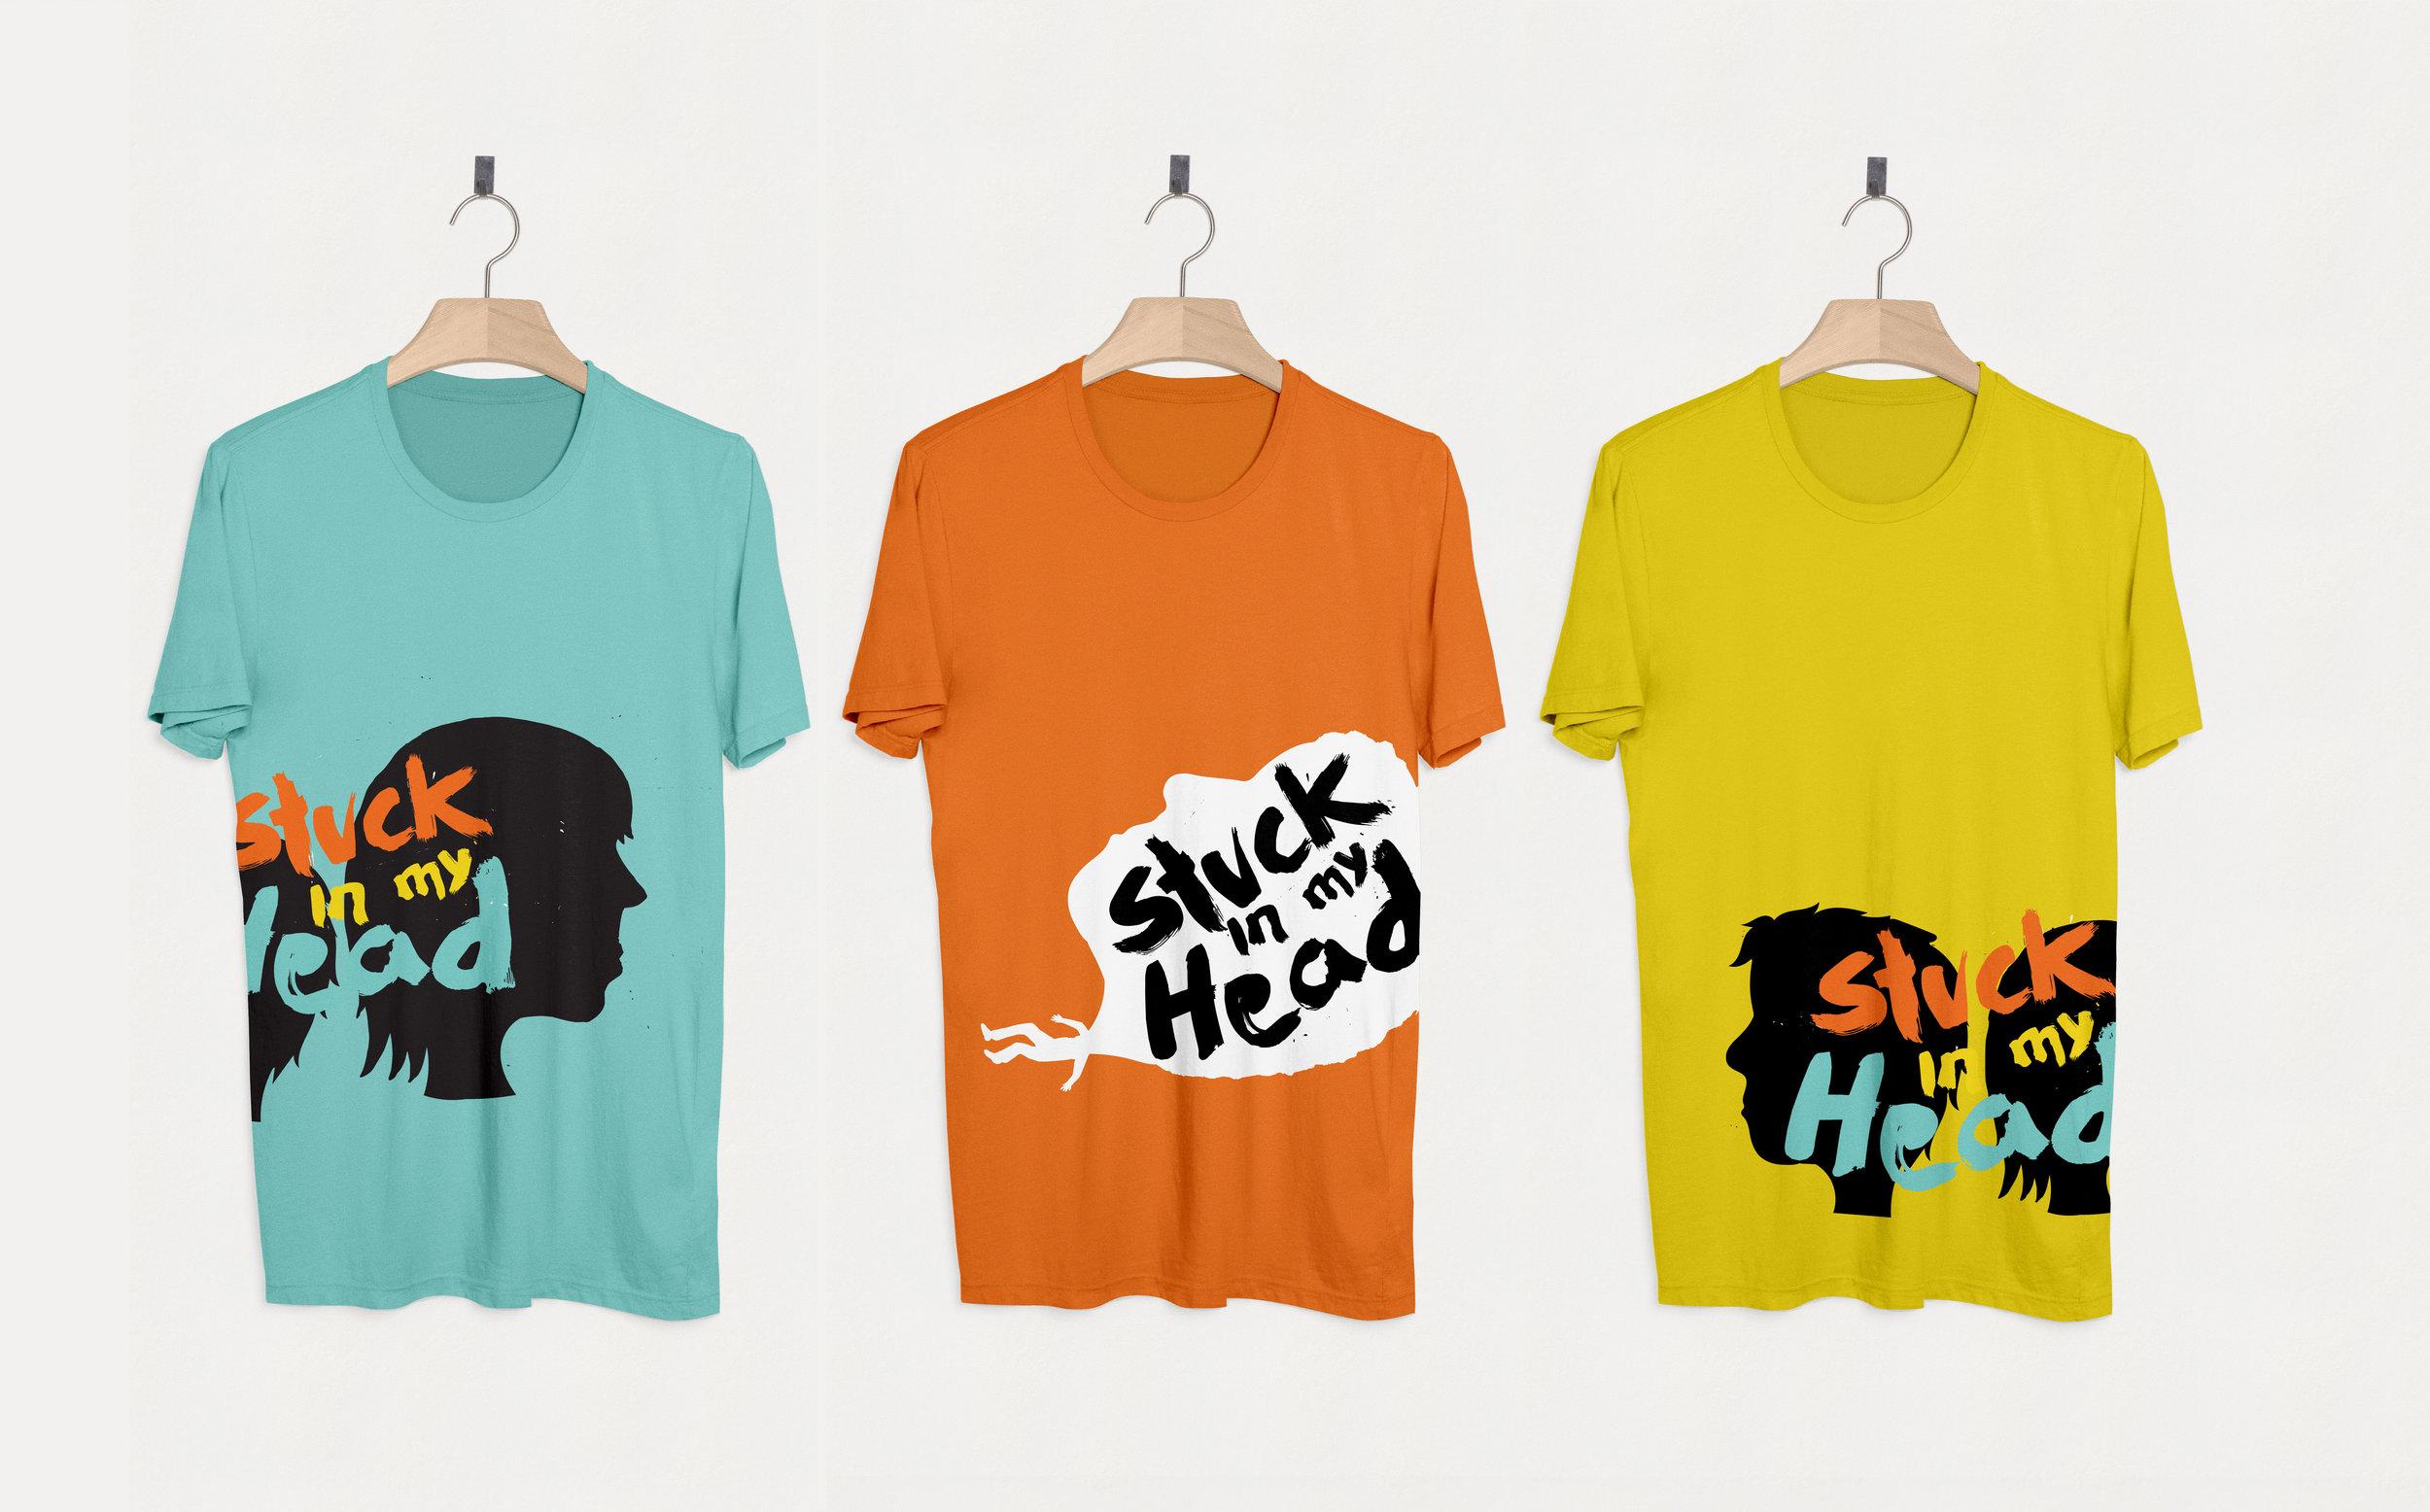 J0004_SIMH_Tshirt_All_3_Shirts.jpg